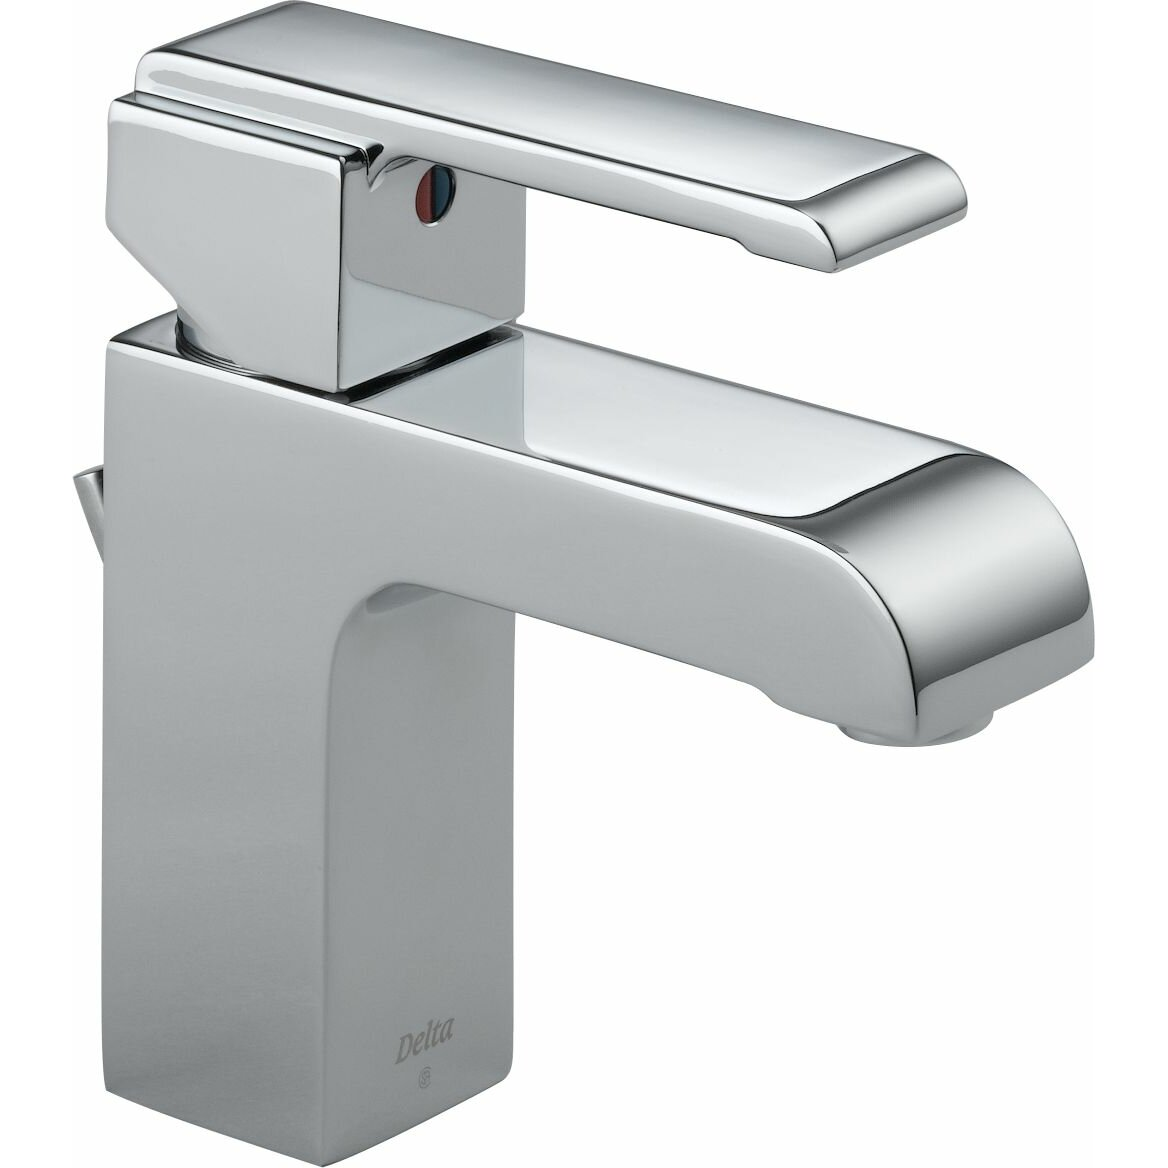 Delta Arzo Series Single Hole Bathroom Faucet with Single Handle